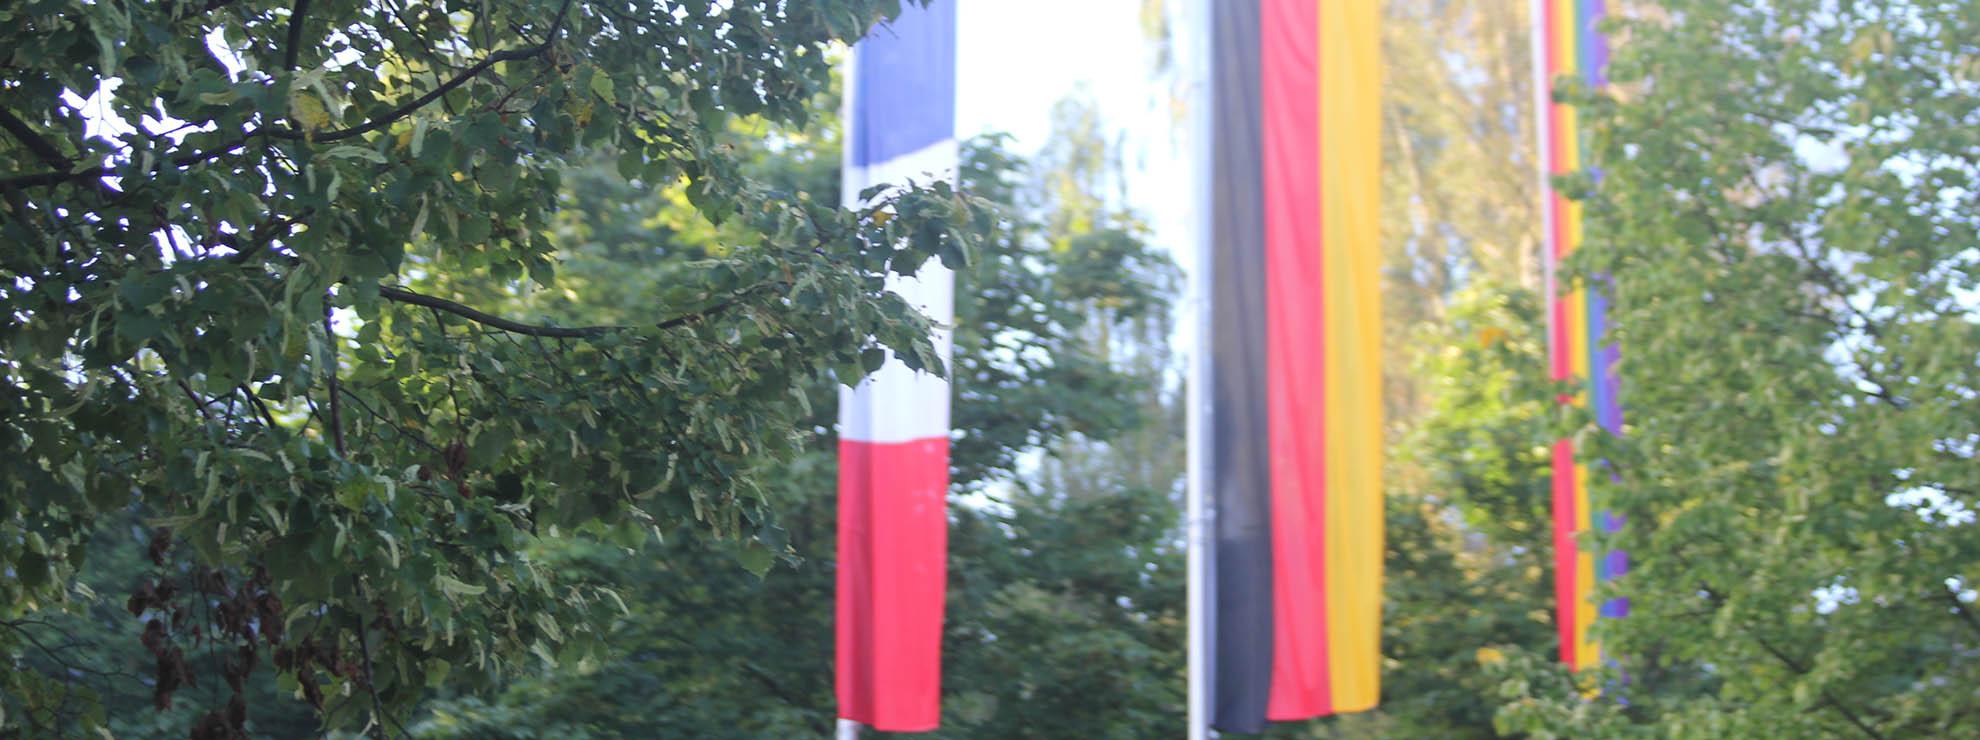 Unser 3-Sterne Hotel im Sauerland ist bietet christlich esotherischen Gruppen ein ideales Ambiente